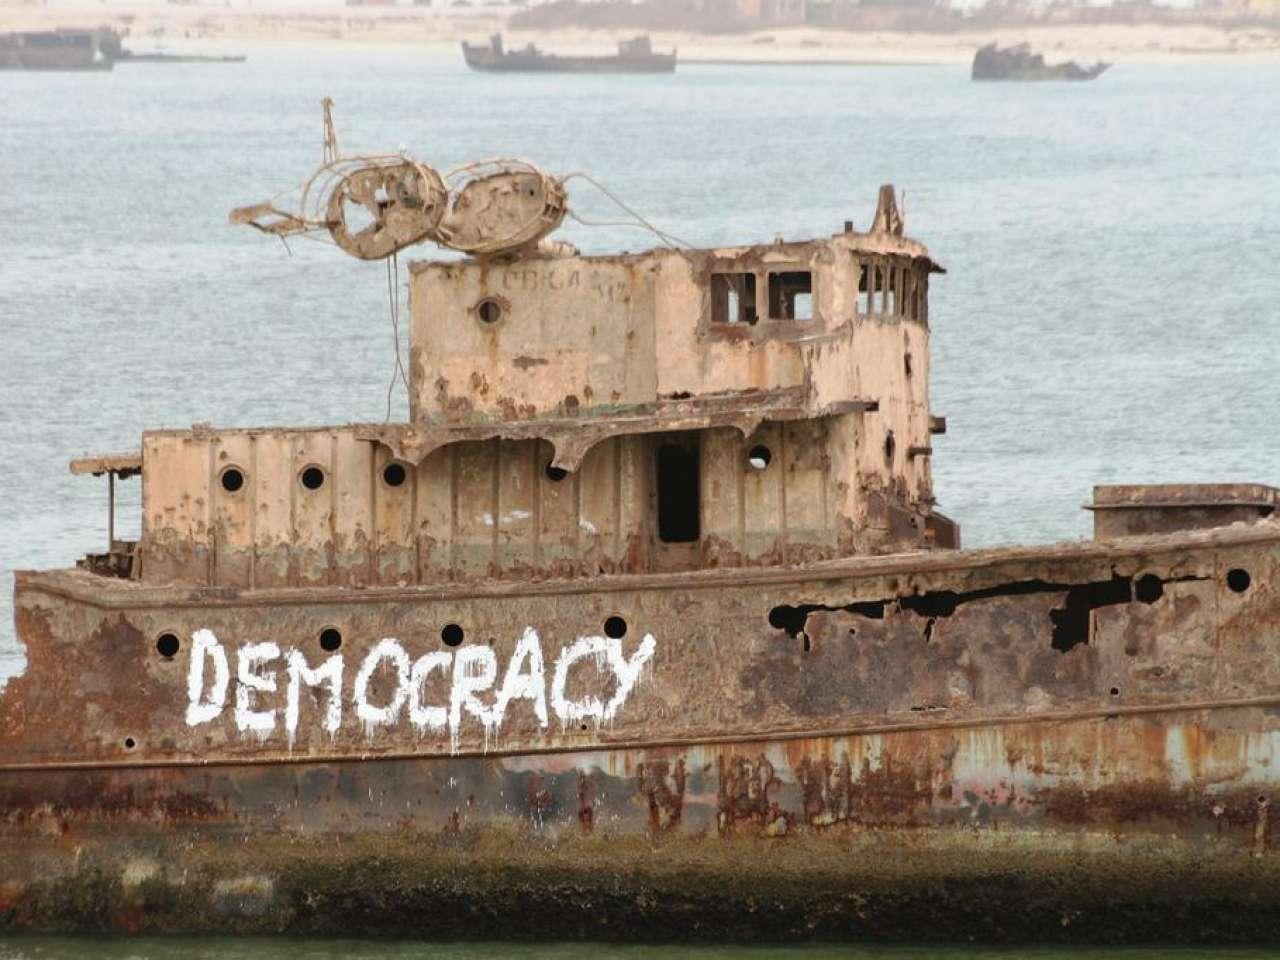 Corrupção reduz apoio à democracia